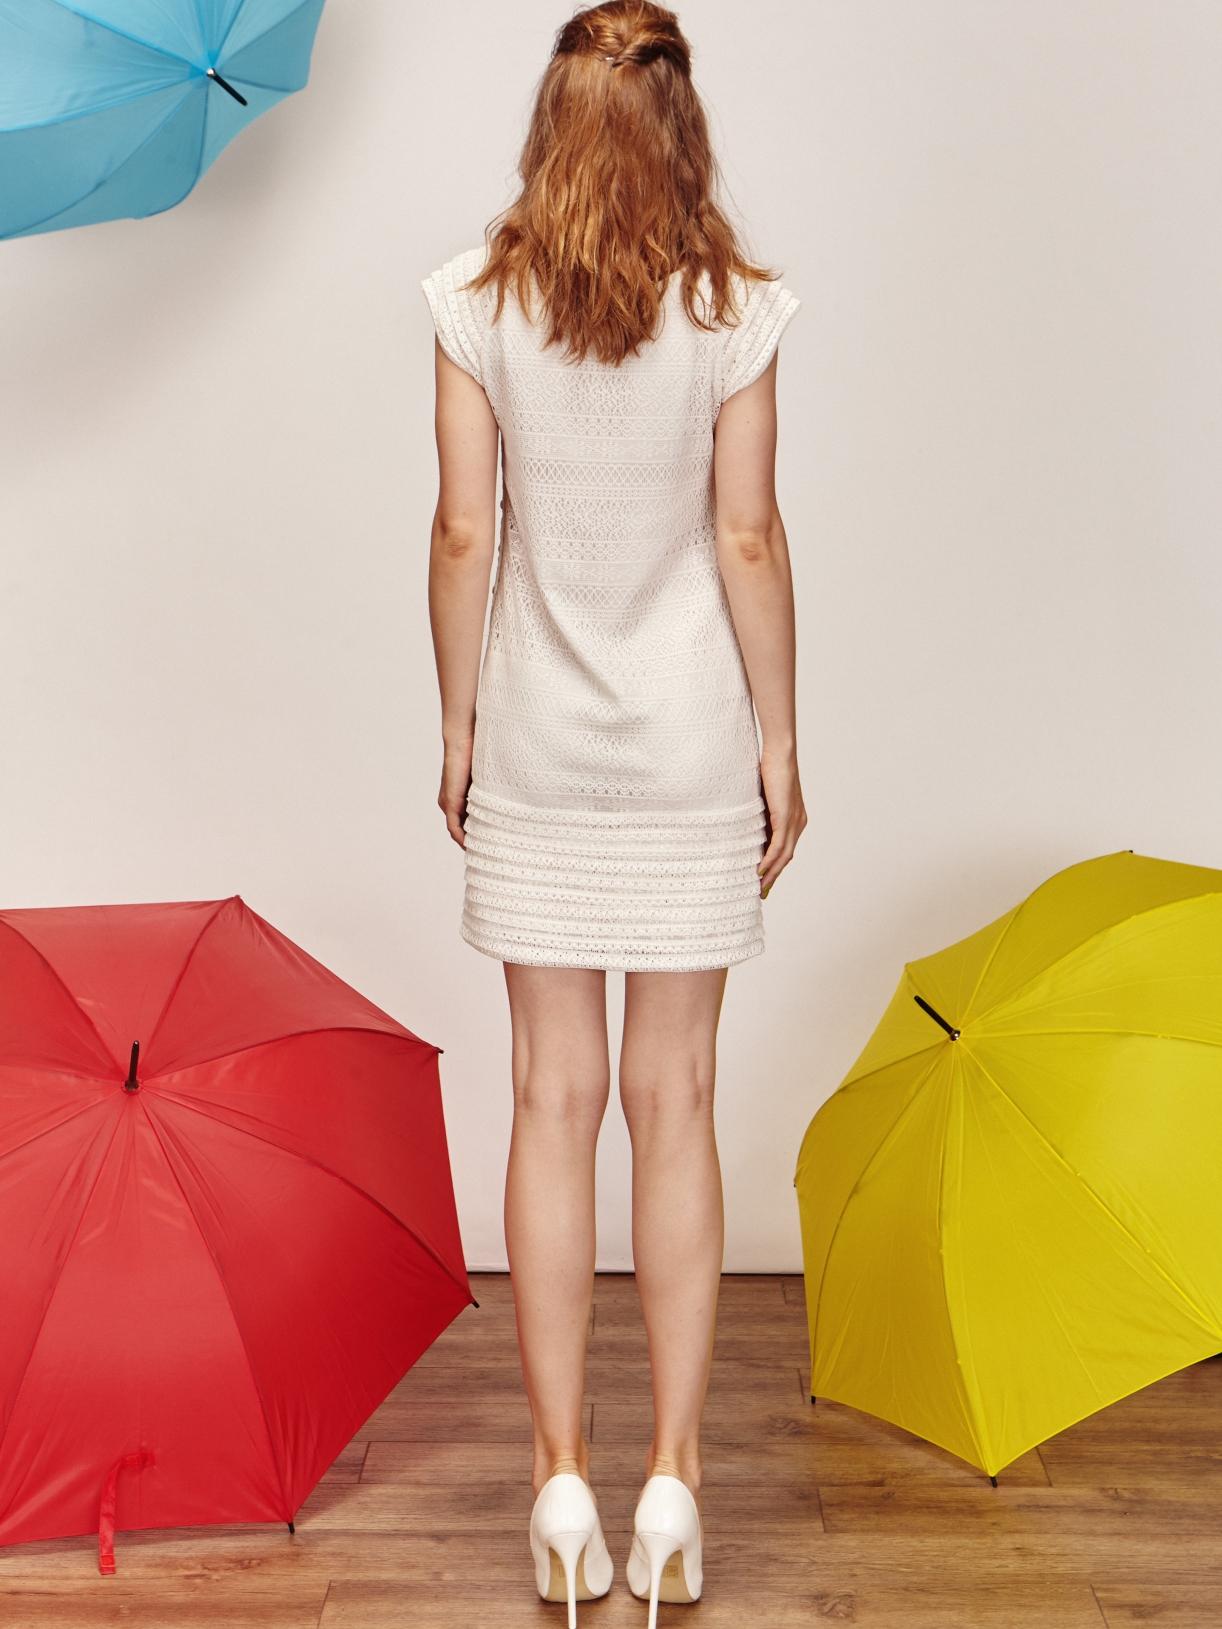 ALEXA - Robe de mariée courte créateur et sur-mesure pas cher a Paris - Myphilosophy